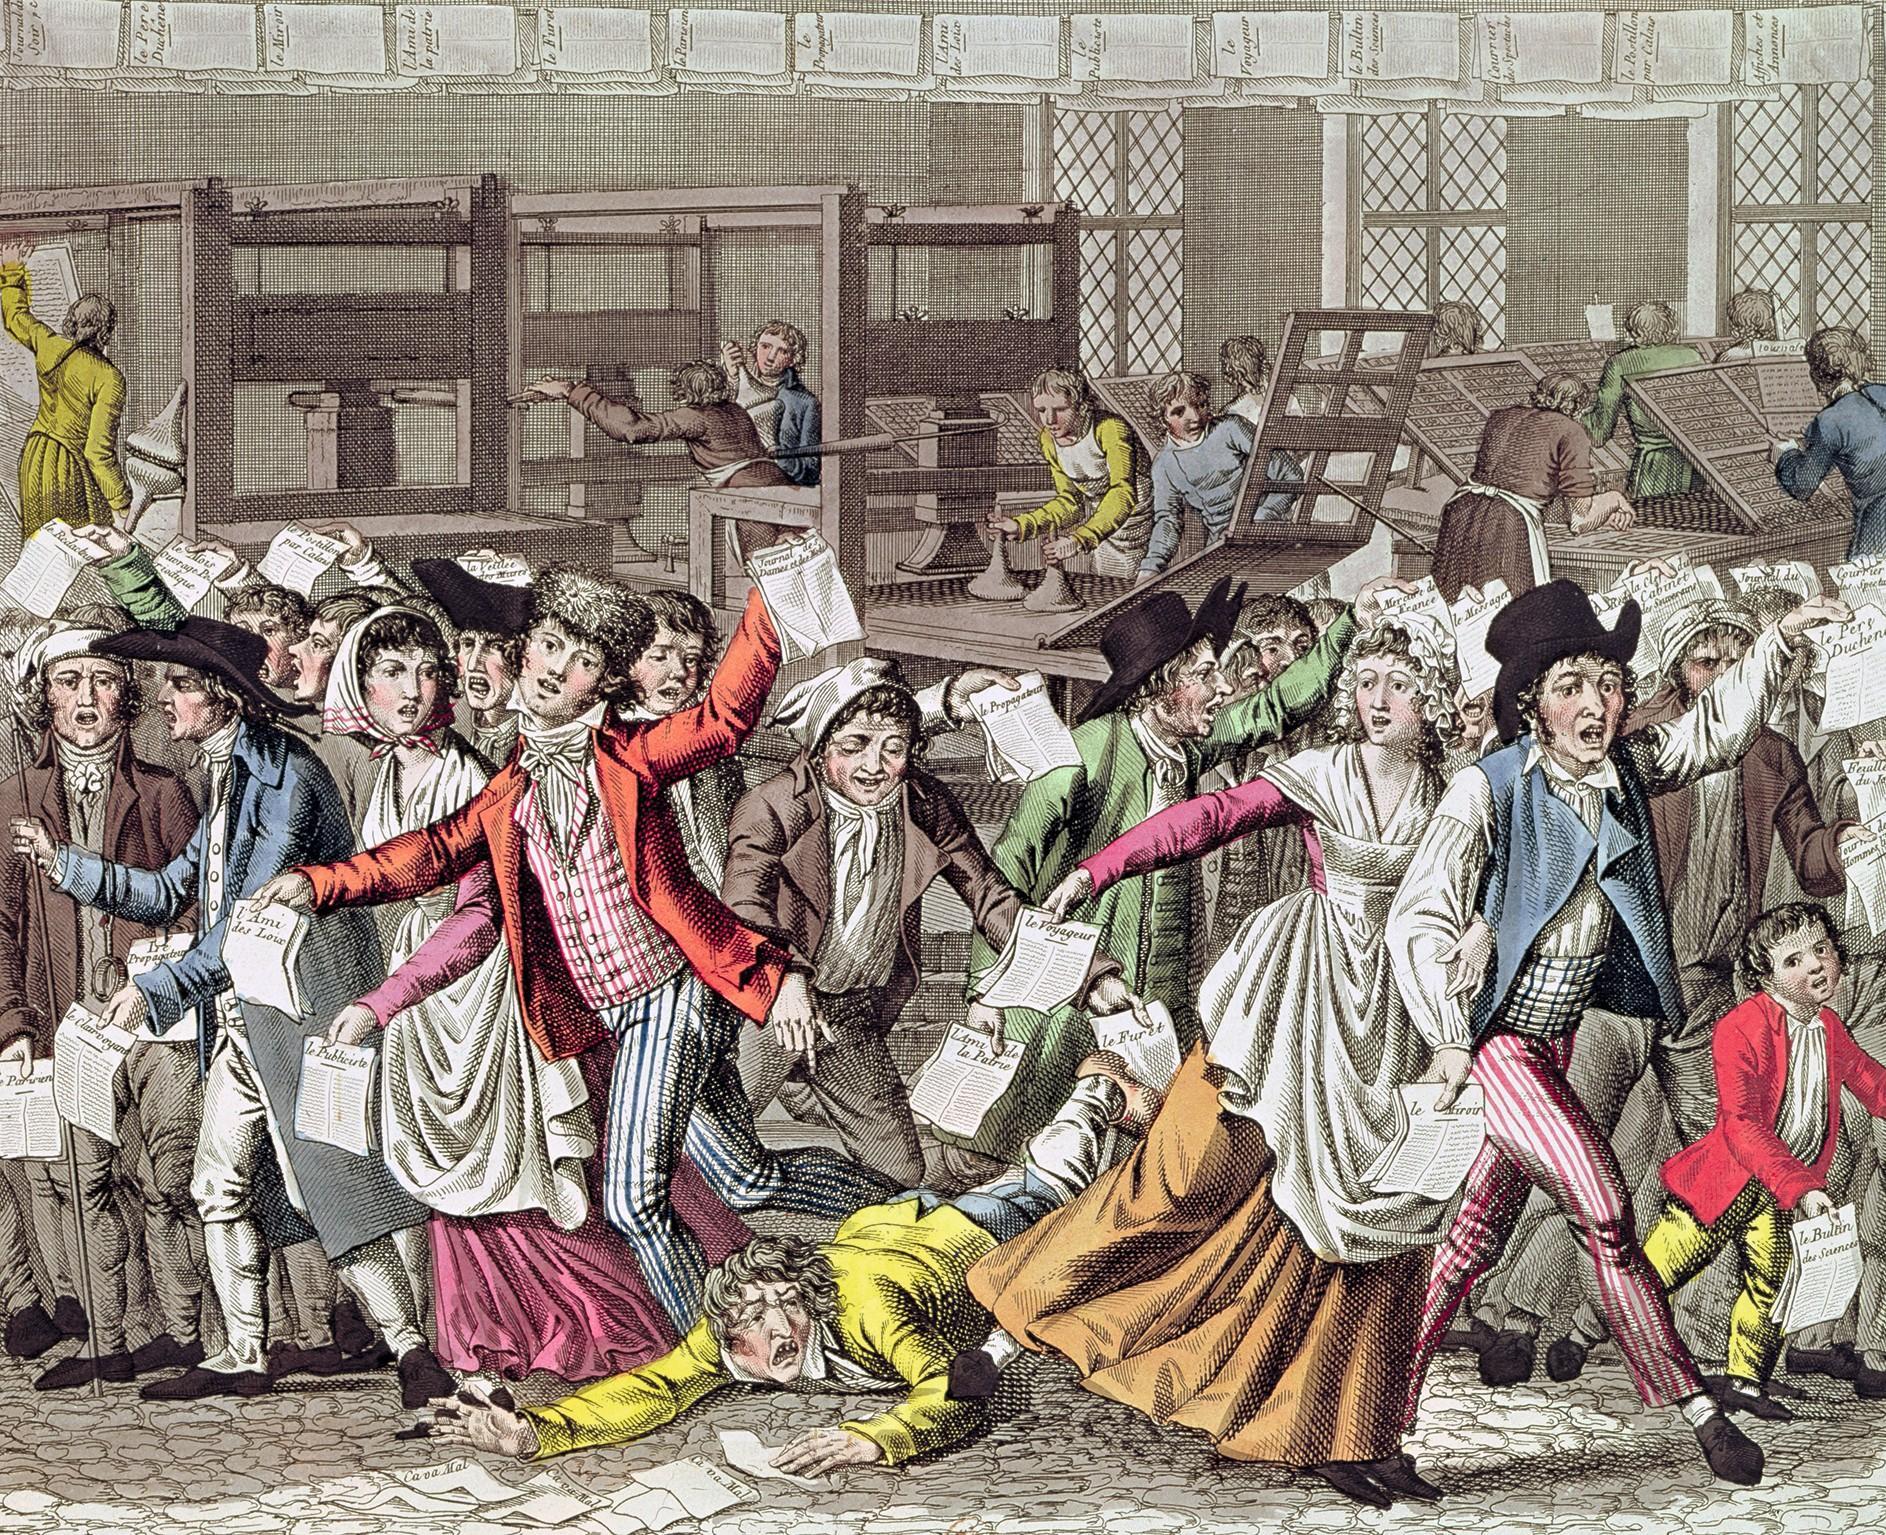 Anonyme, La Liberté de la presse sous la Révolution française, gravure coloriée, 1797, BnF, Paris.